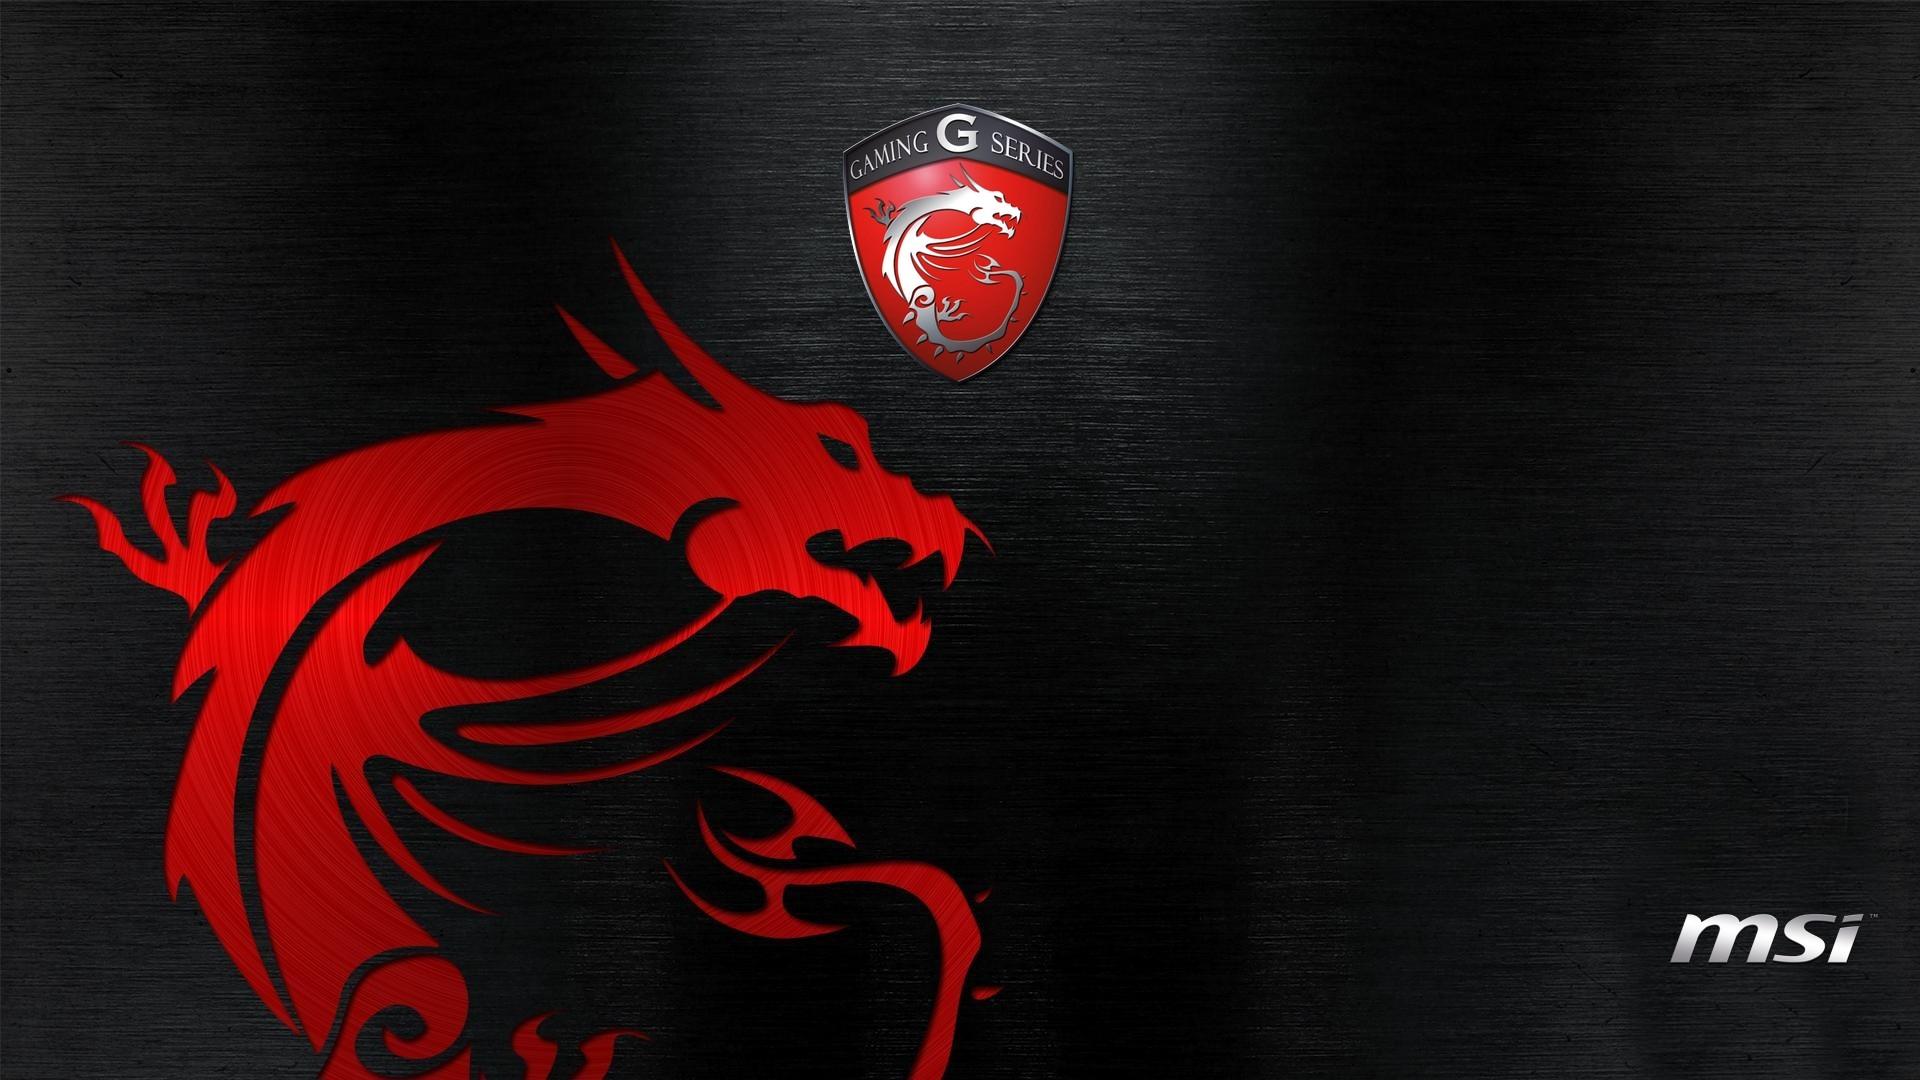 Sfondi Illustrazione Rosso Logo Disegno Grafico Drago Msi